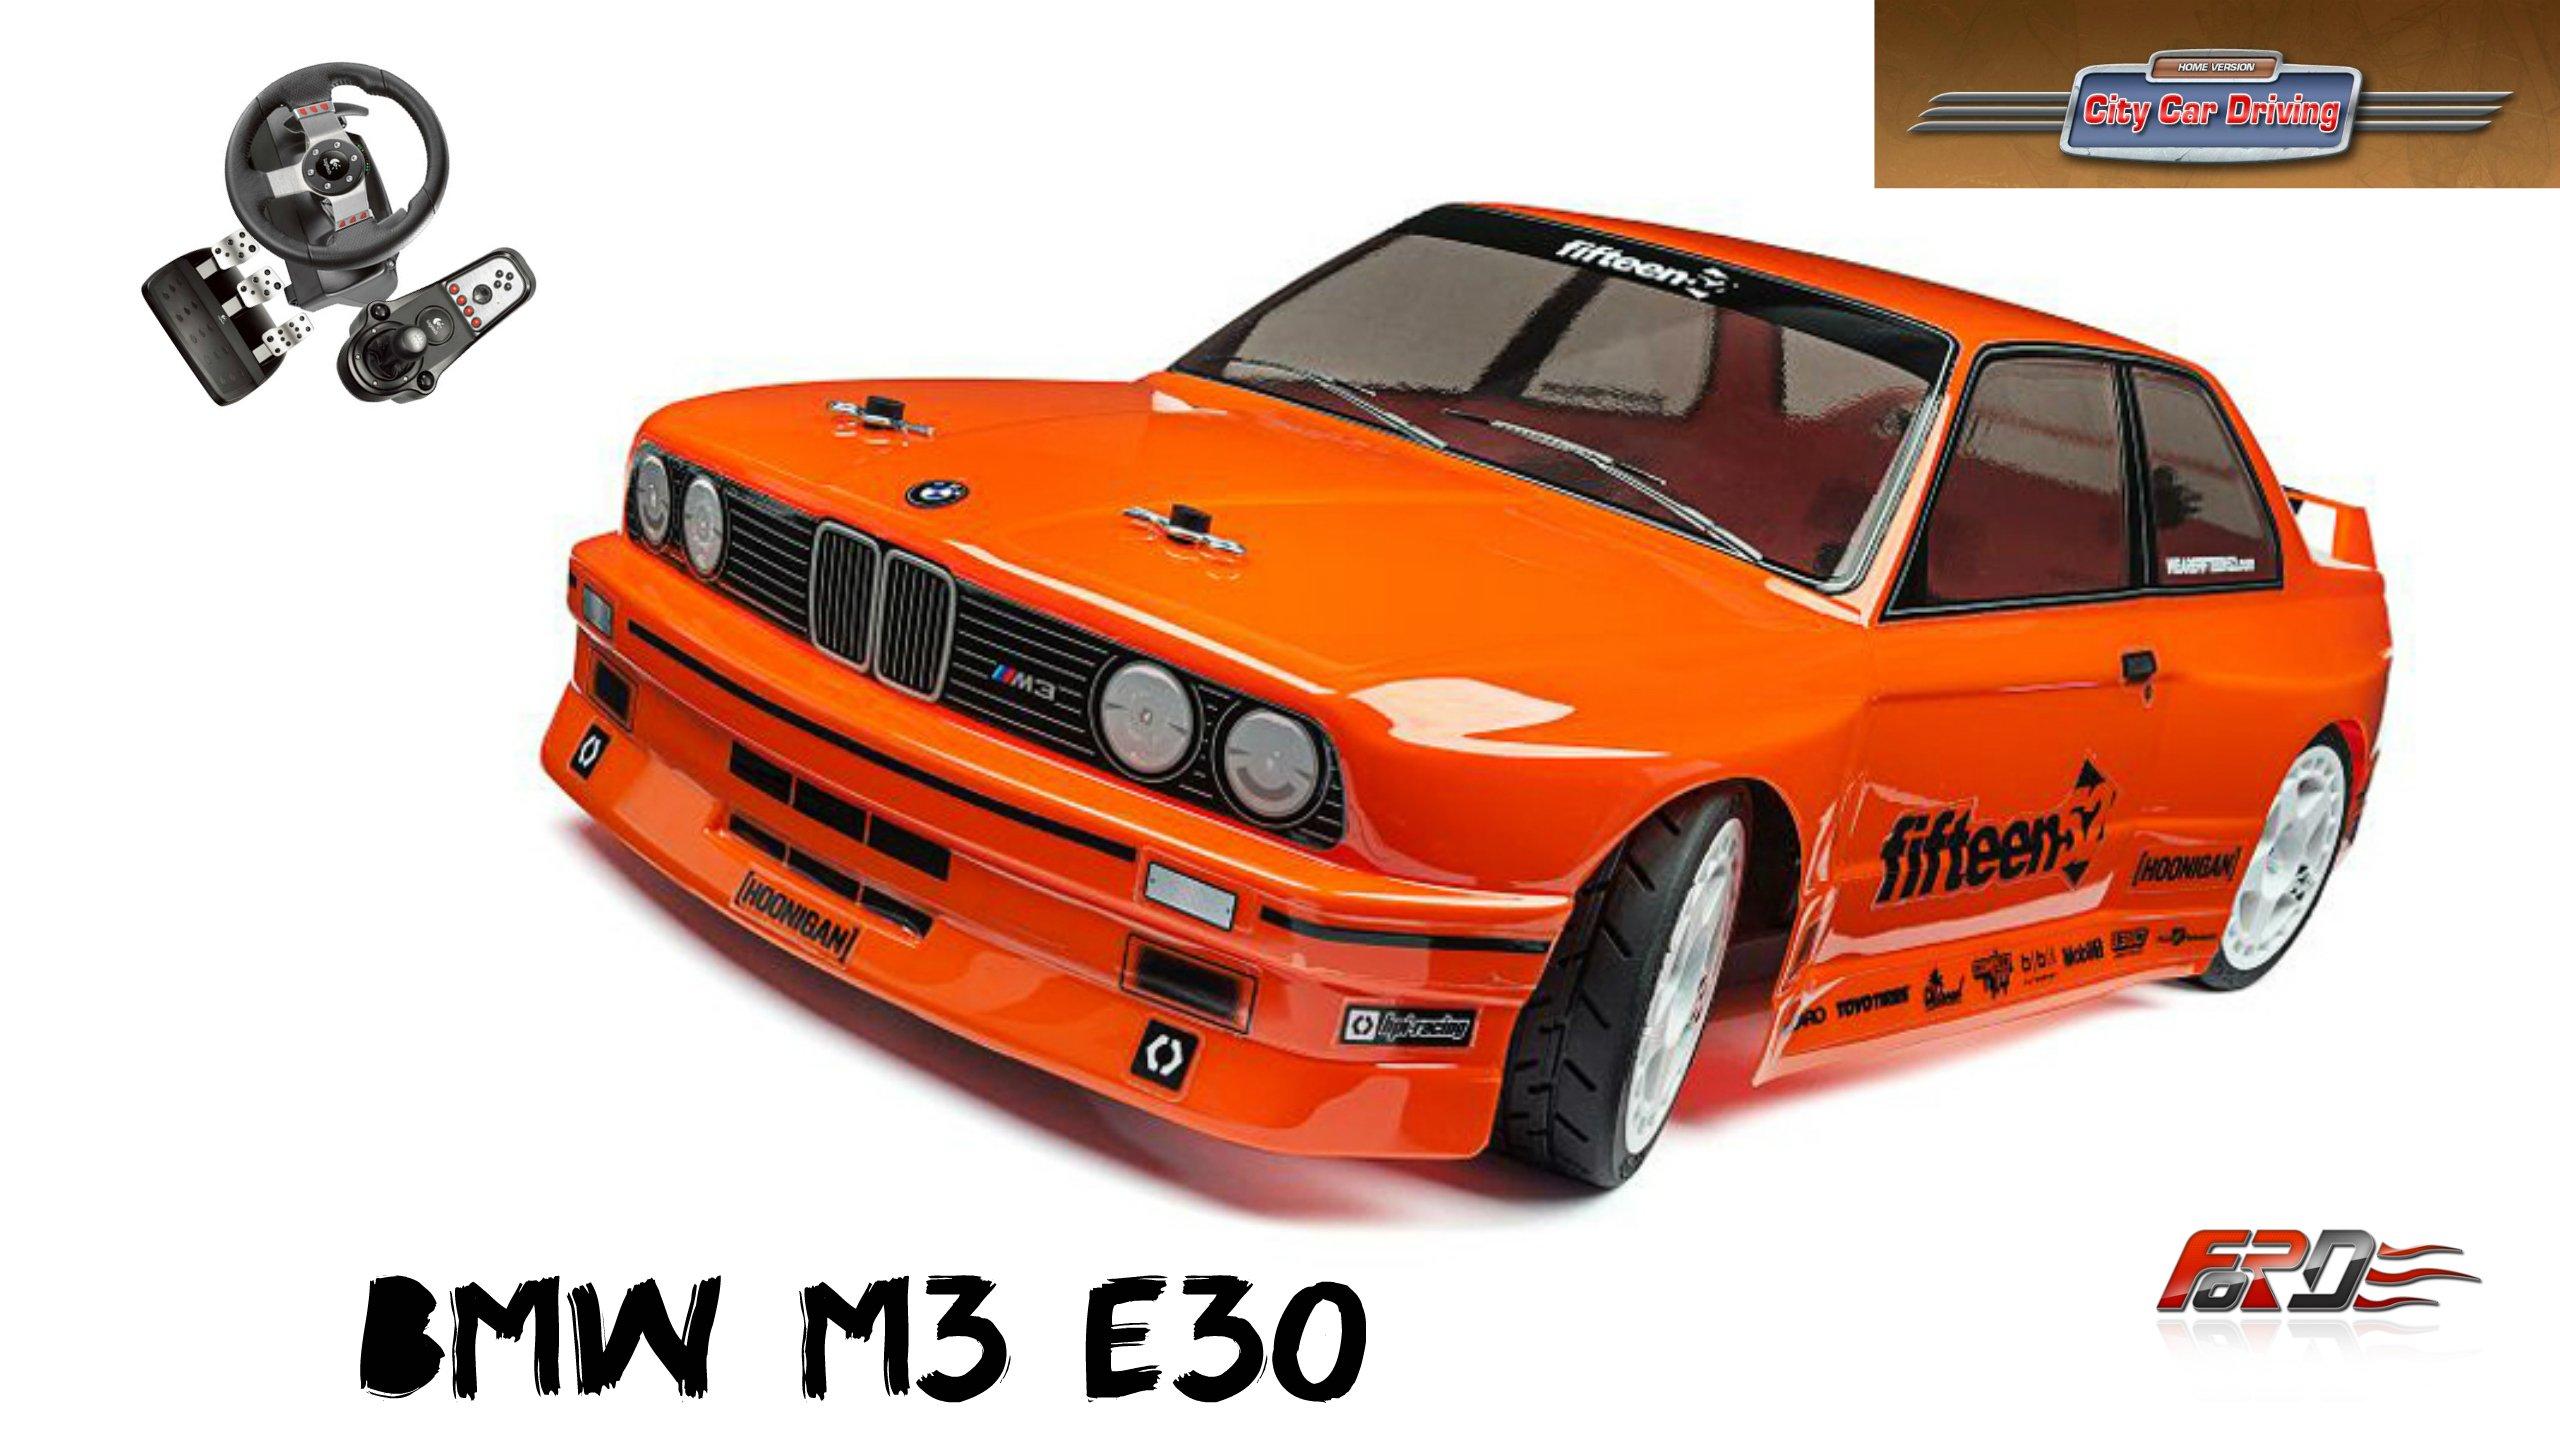 BMW M3 E30 - тест-драйв, обзор, дрифт (drift) зимой по городу в City Car Driving  - Изображение 1